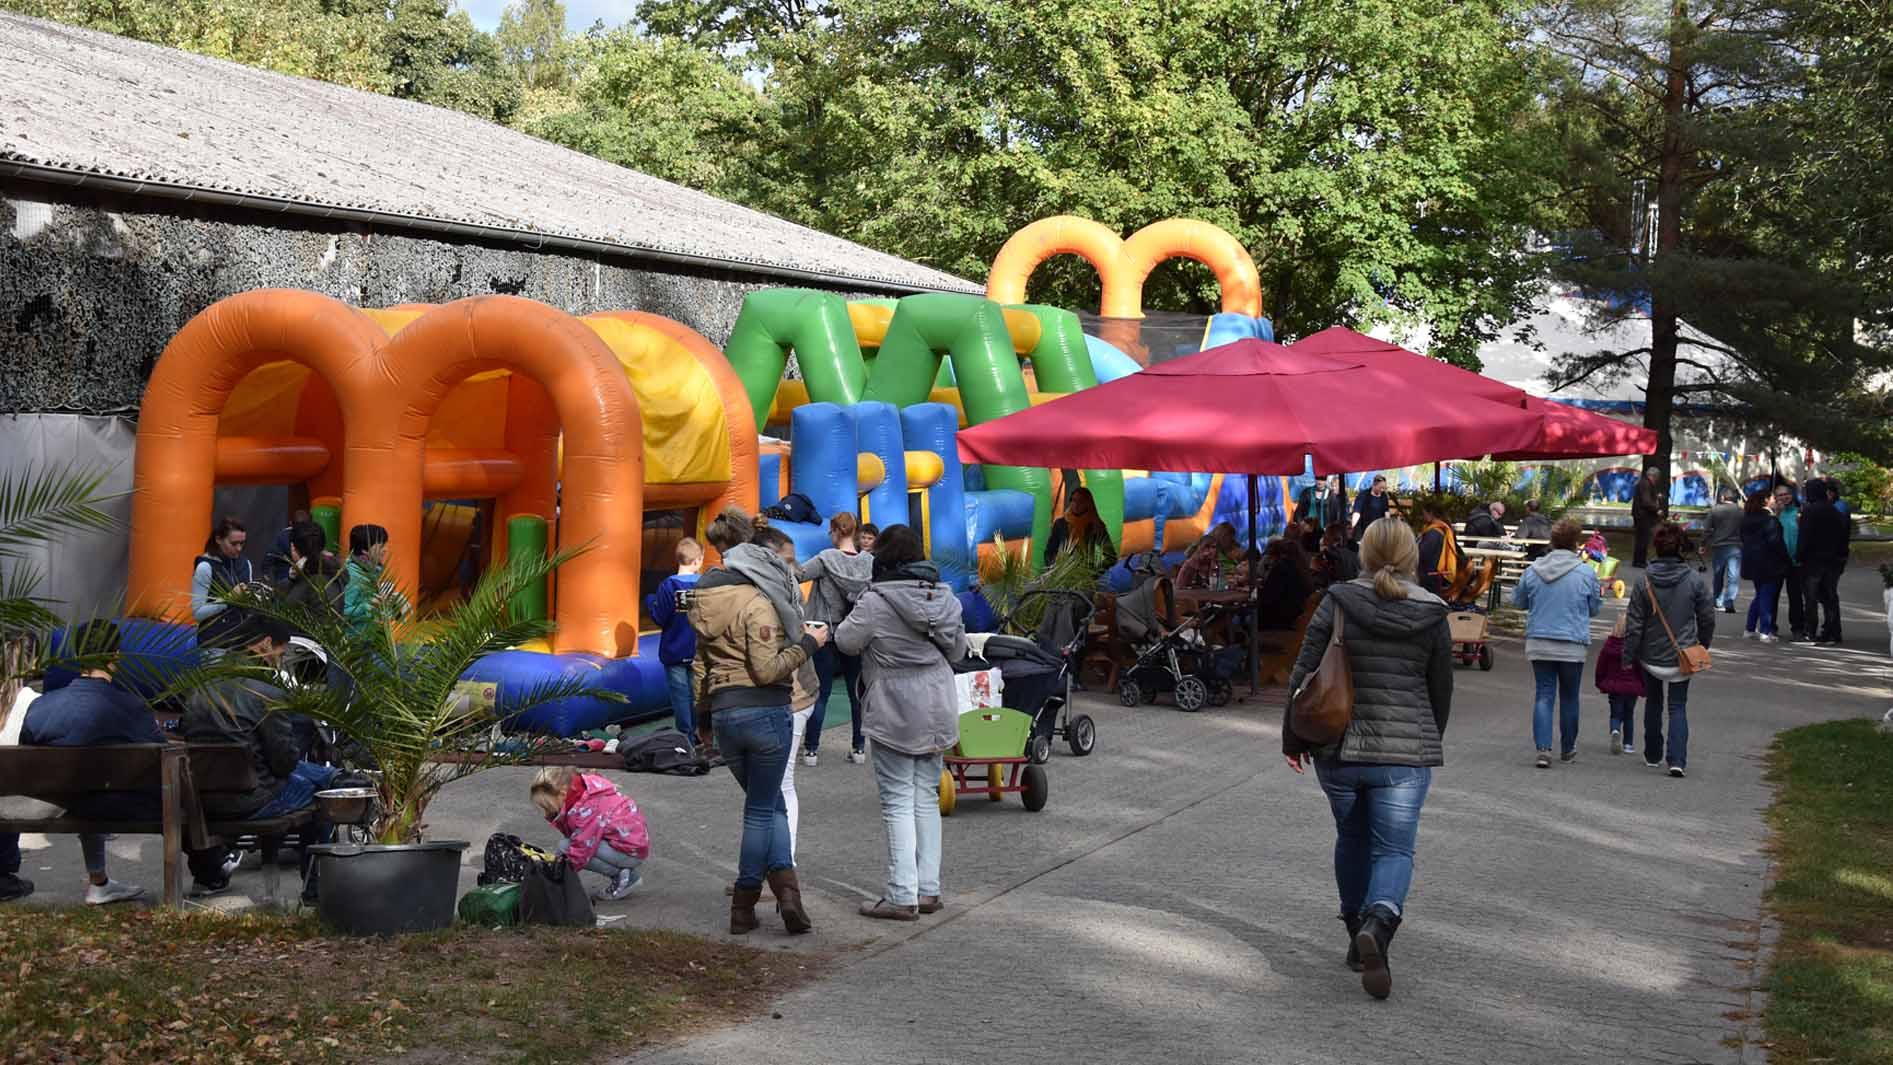 celle-filmtierpark-eschede-huepfburg.jpg